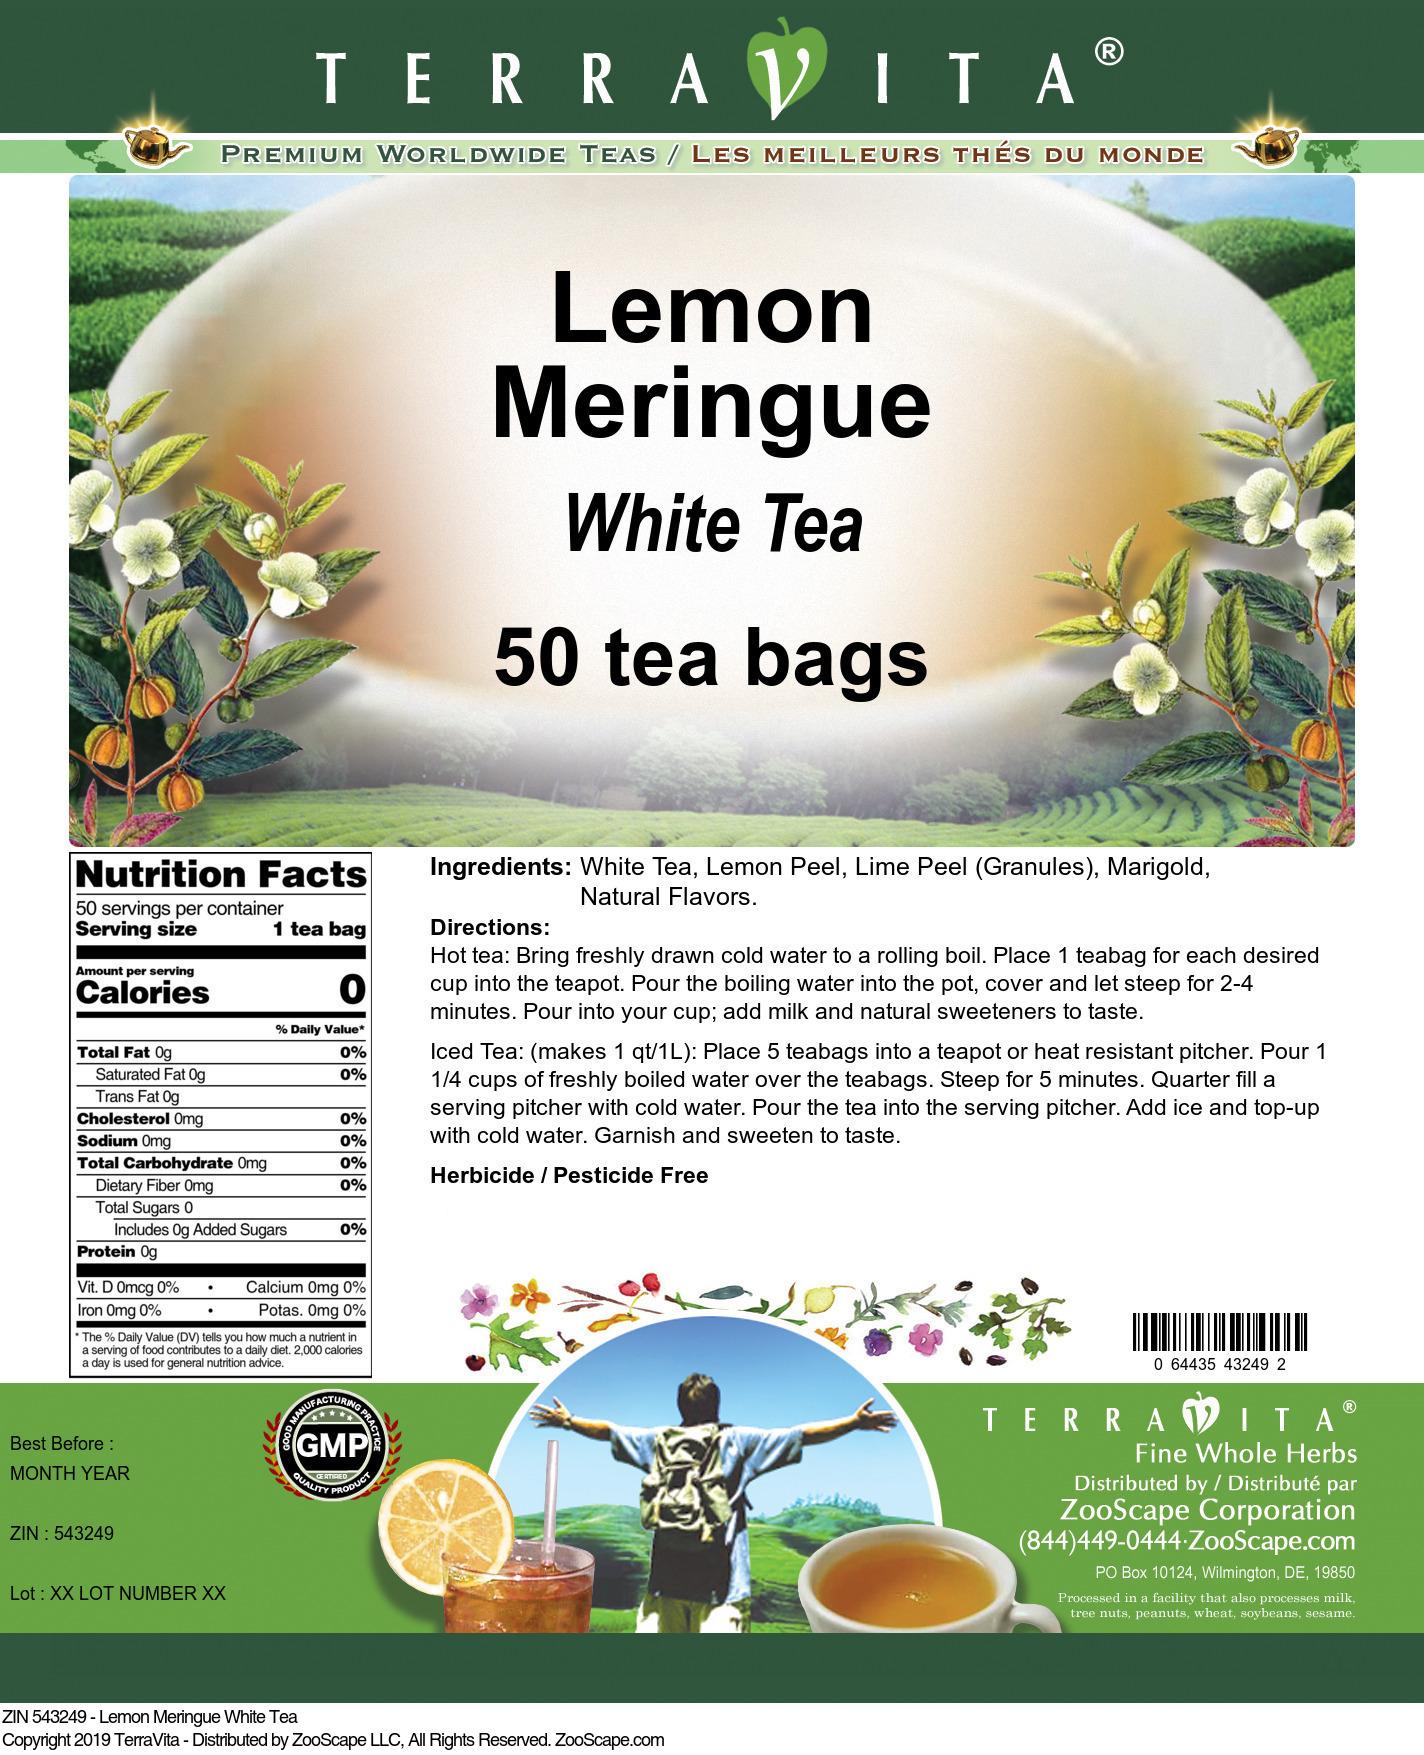 Lemon Meringue White Tea